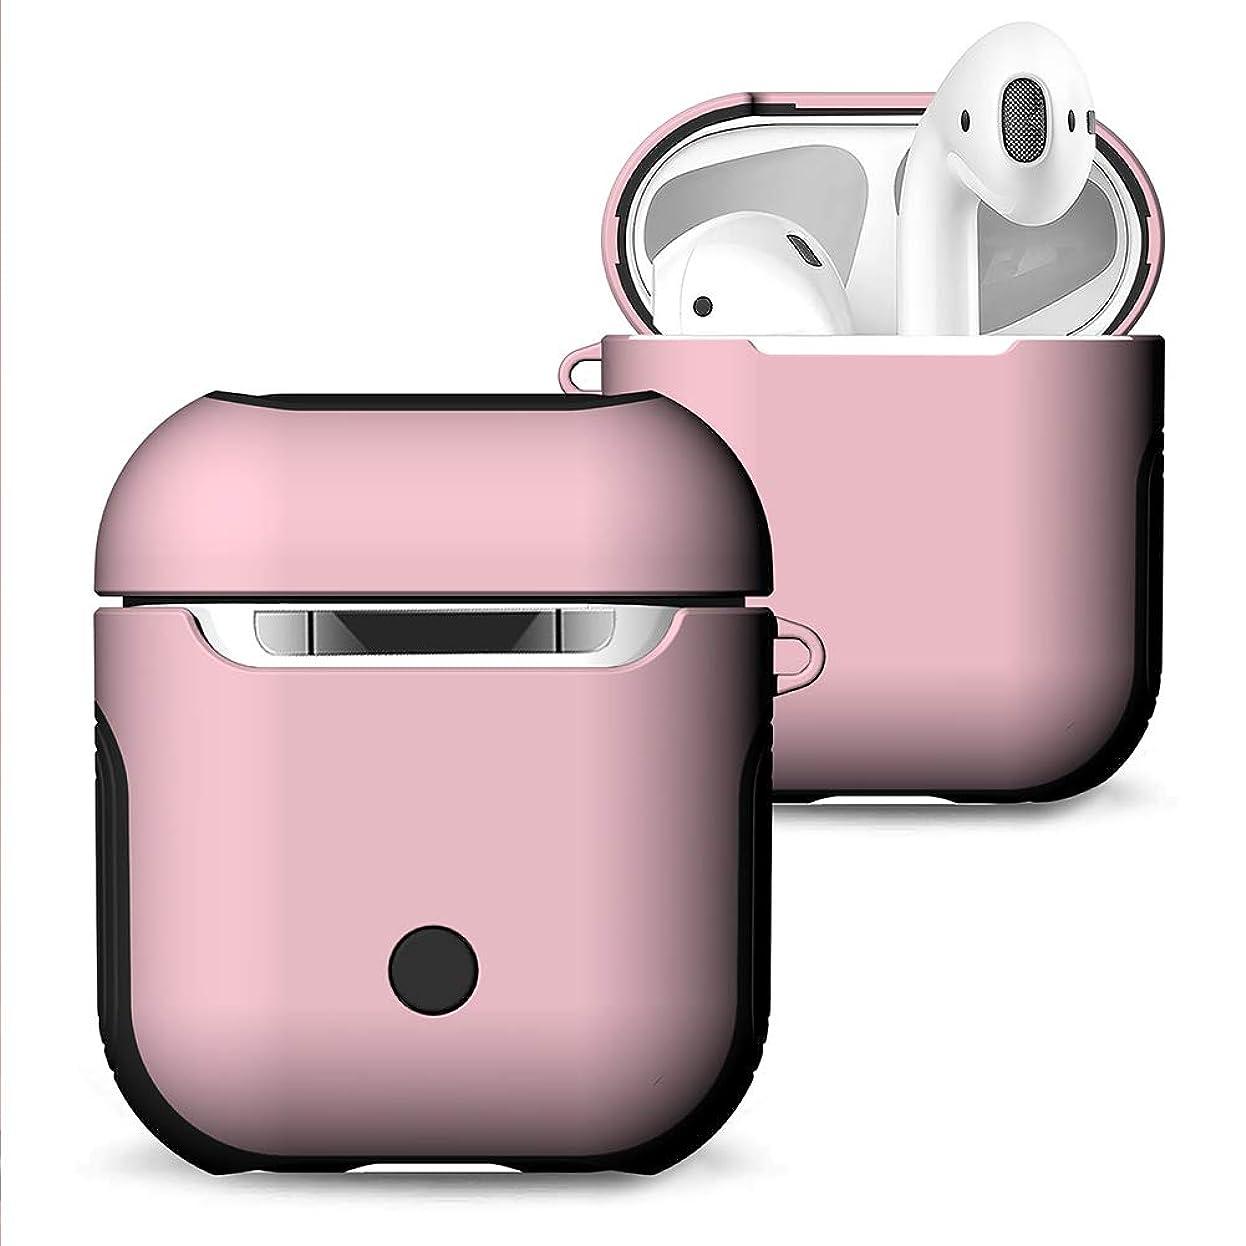 請求可能踏み台アレンジAirPods ケース - Apple AirPods 1/2用の曇らされたラバーペイント+ PC Bluetoothイヤホンケースアンチロストストレージバッグ